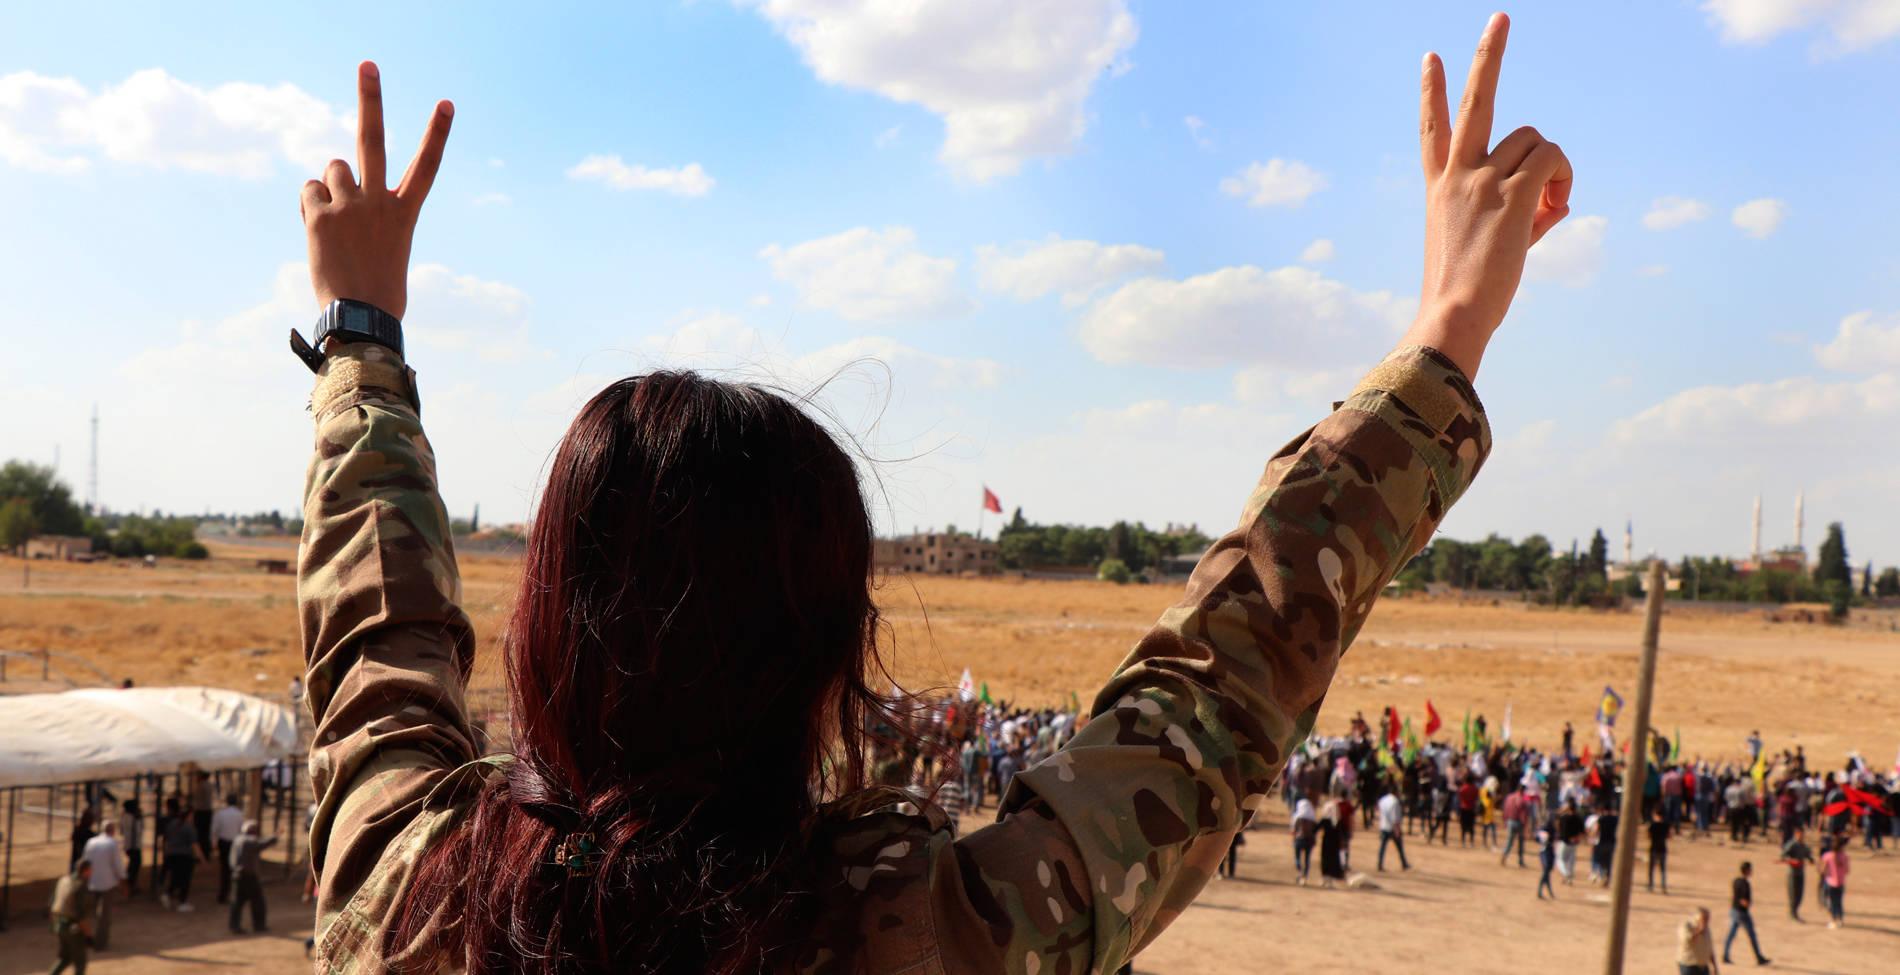 Η κραυγή μίας Κούρδισσας που ζει στην Ελλάδα: Απέναντί μας είχαμε έναν δαίμονα